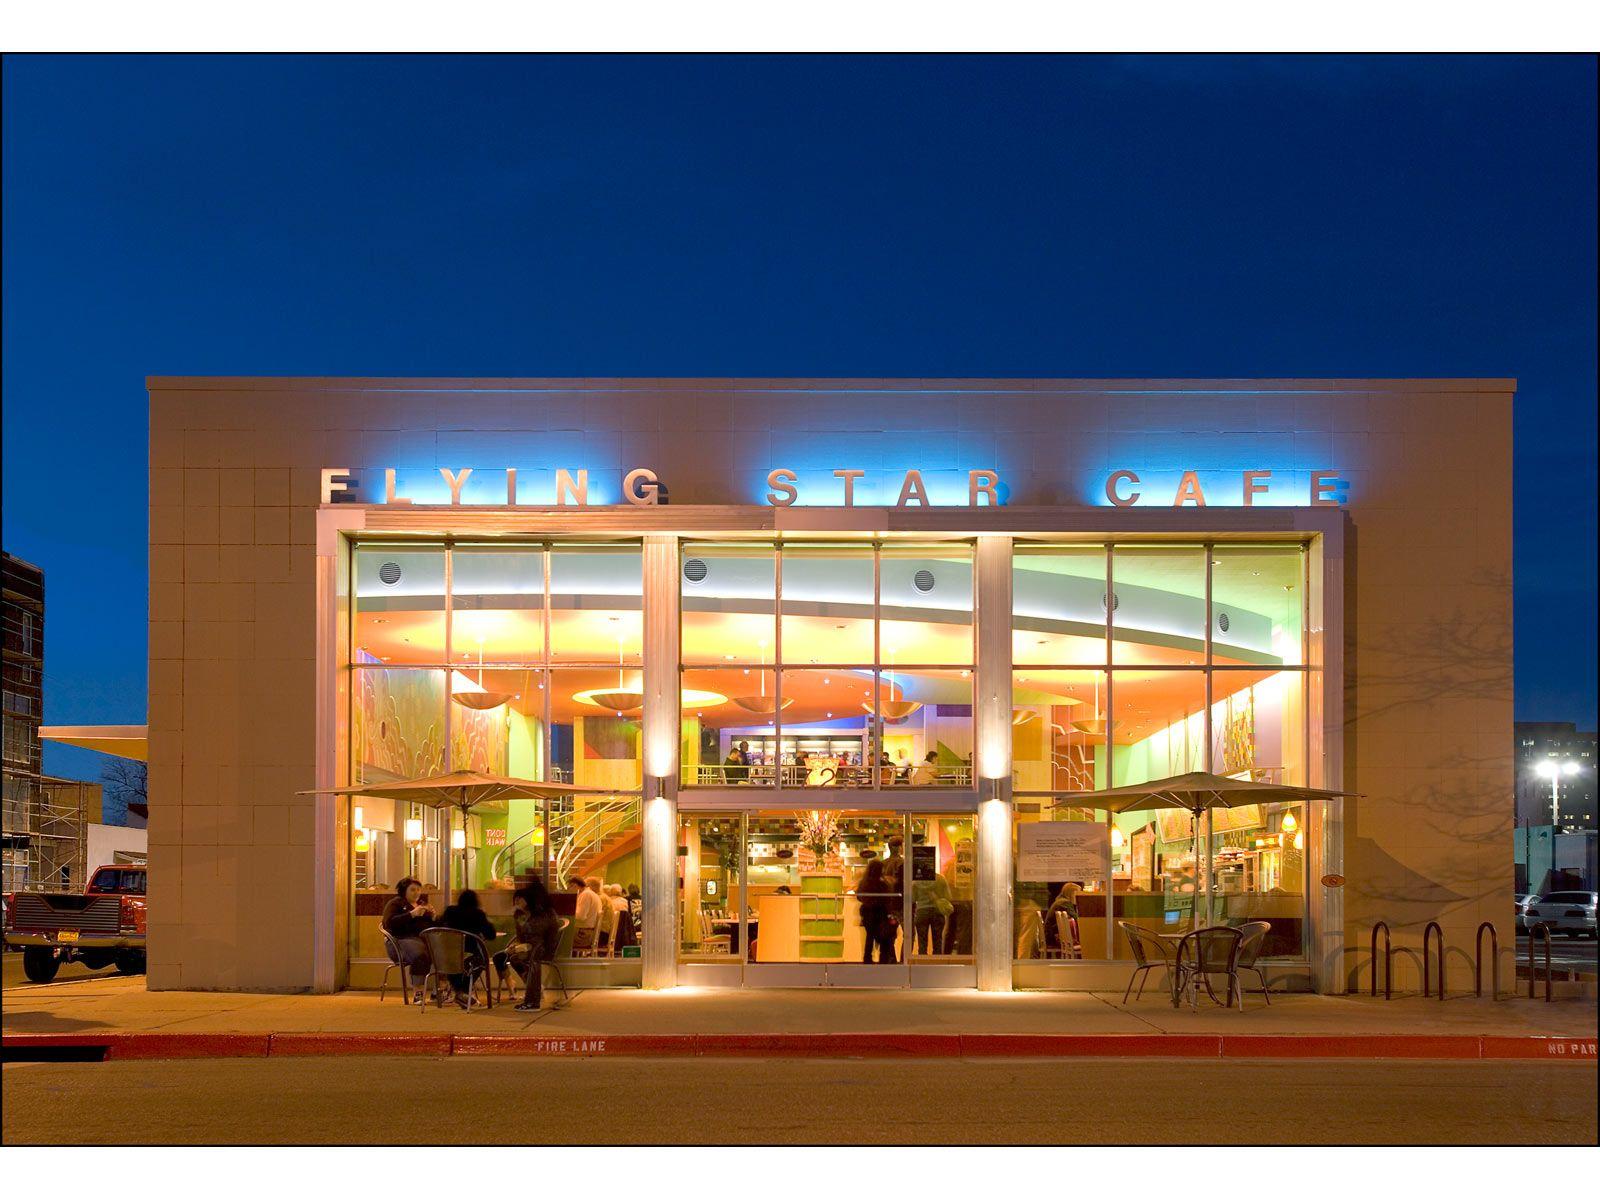 Flying Star Cafe Albuquerque Nm Restaurants Downtown Alburquerque New Mexico